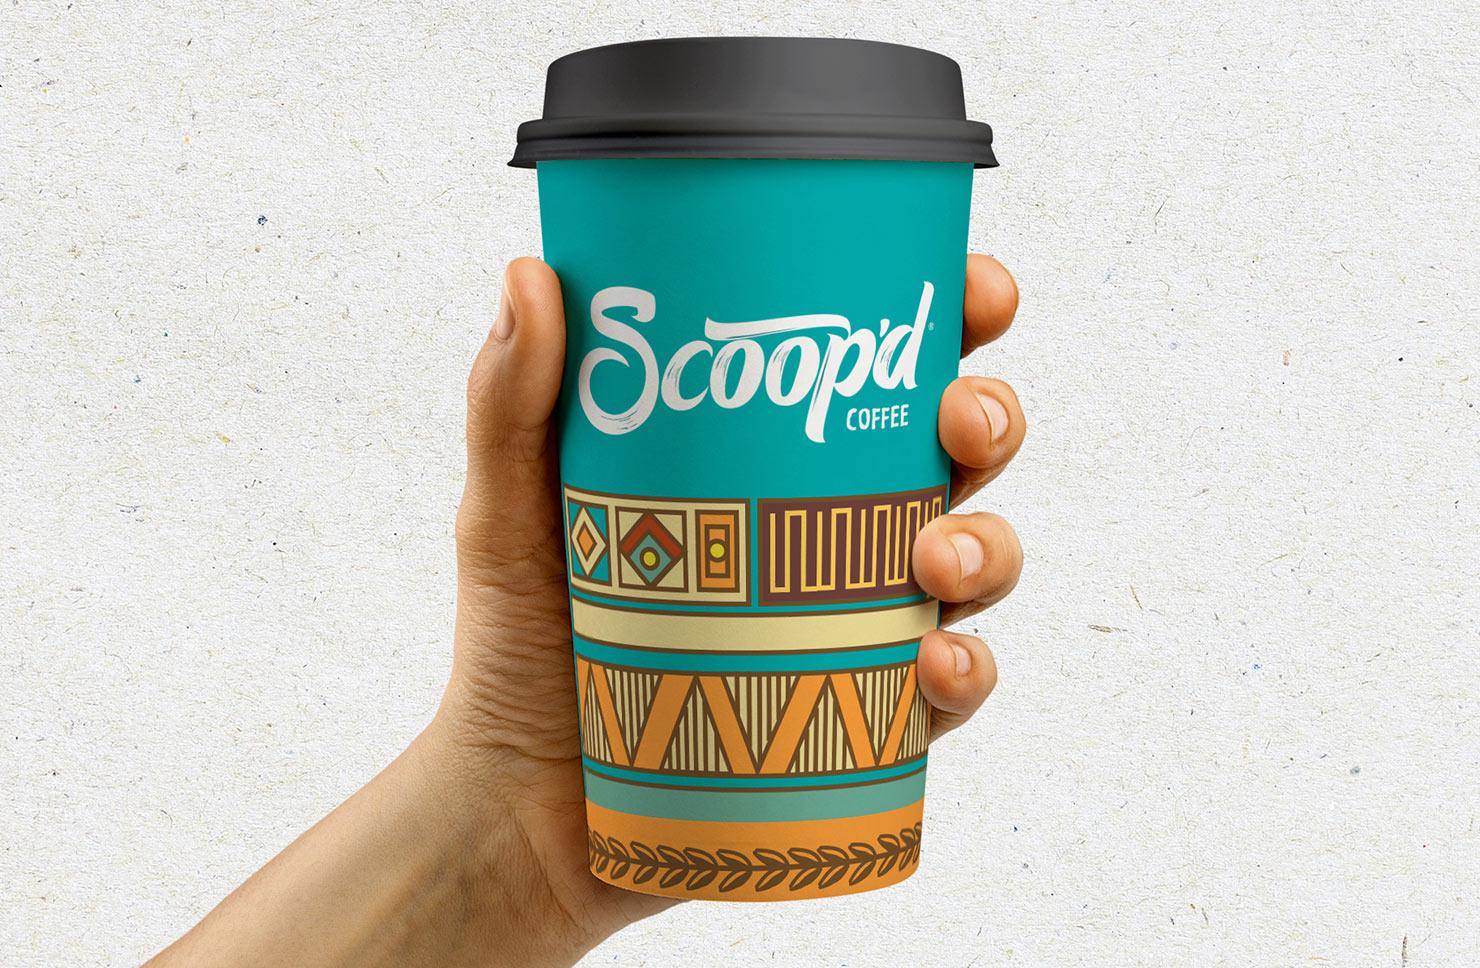 Scoop'd